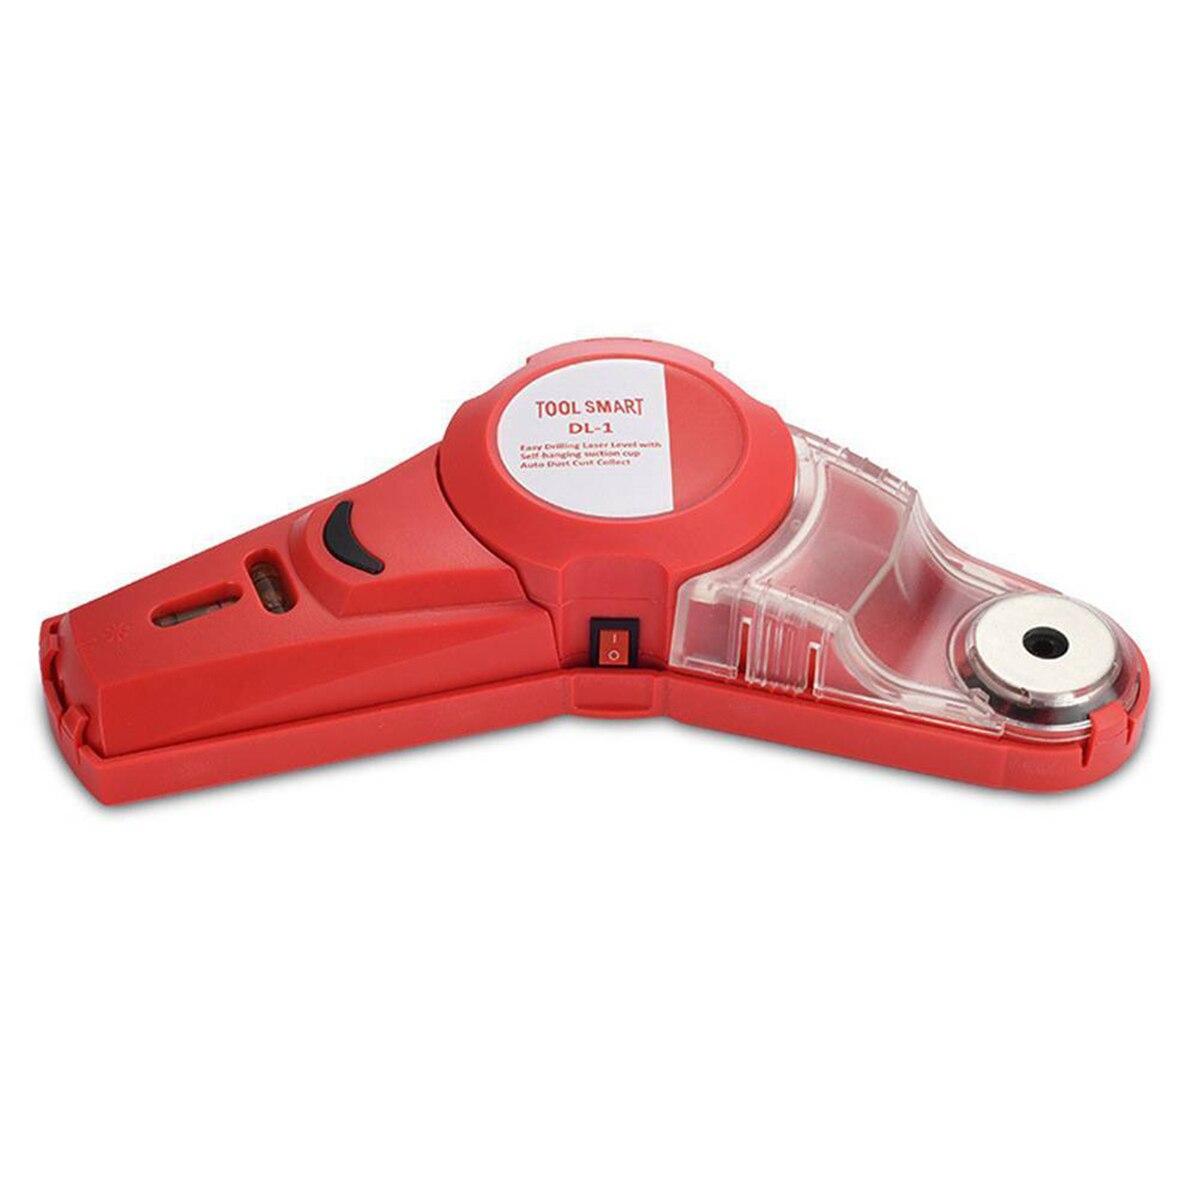 Herramientas Portátiles de nivel láser de 650nm localizador de nivel láser infrarrojo colector de polvo de fácil perforación con ventosa autocolgante